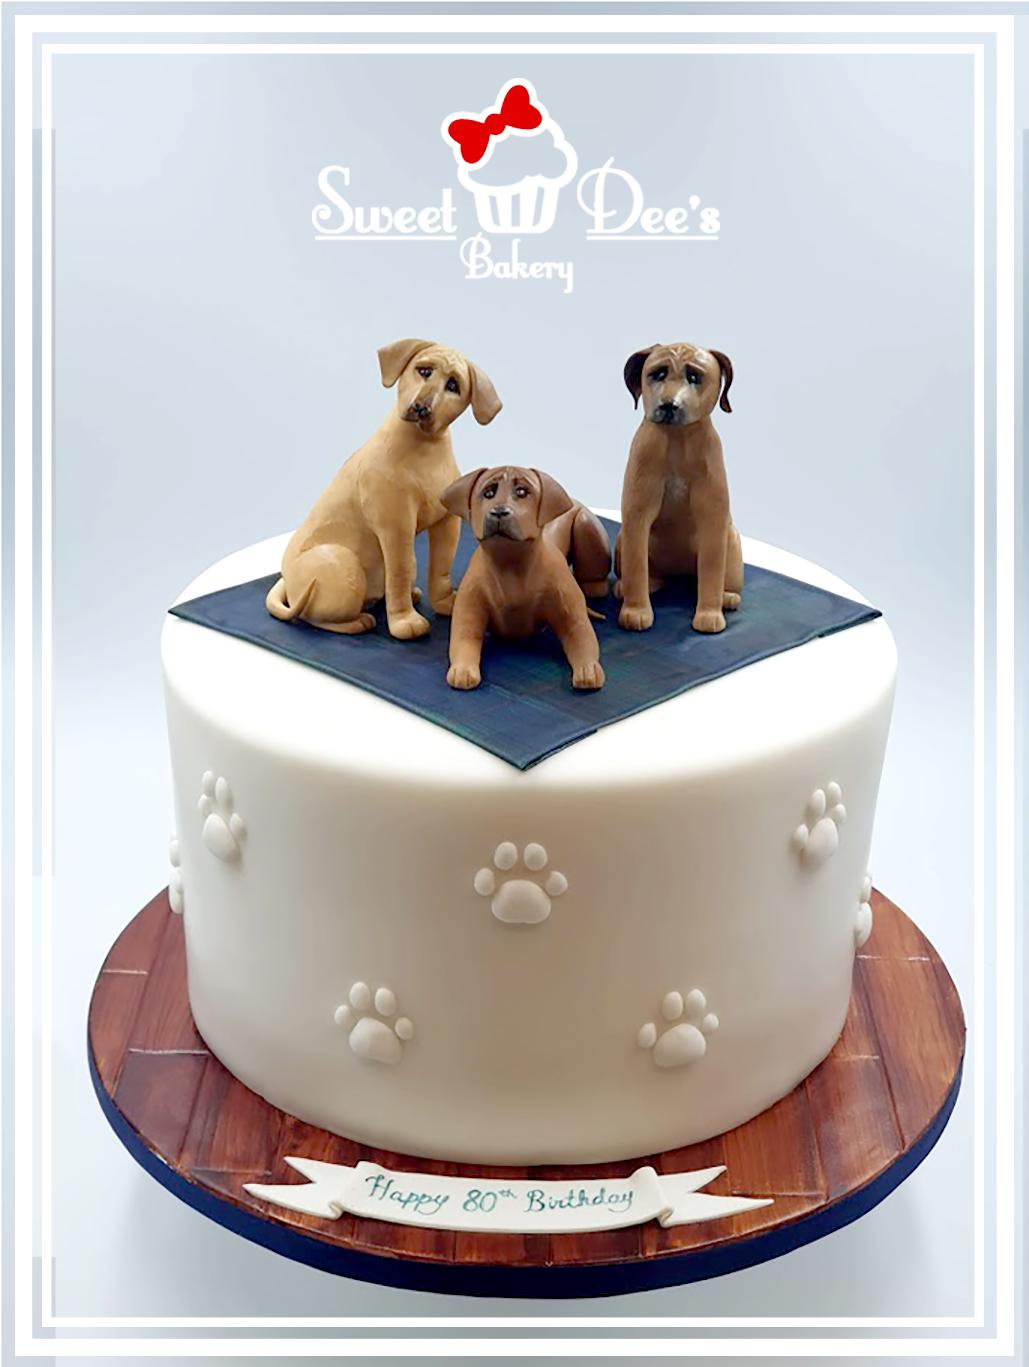 Rhodesian Ridgeback Birthday Cake